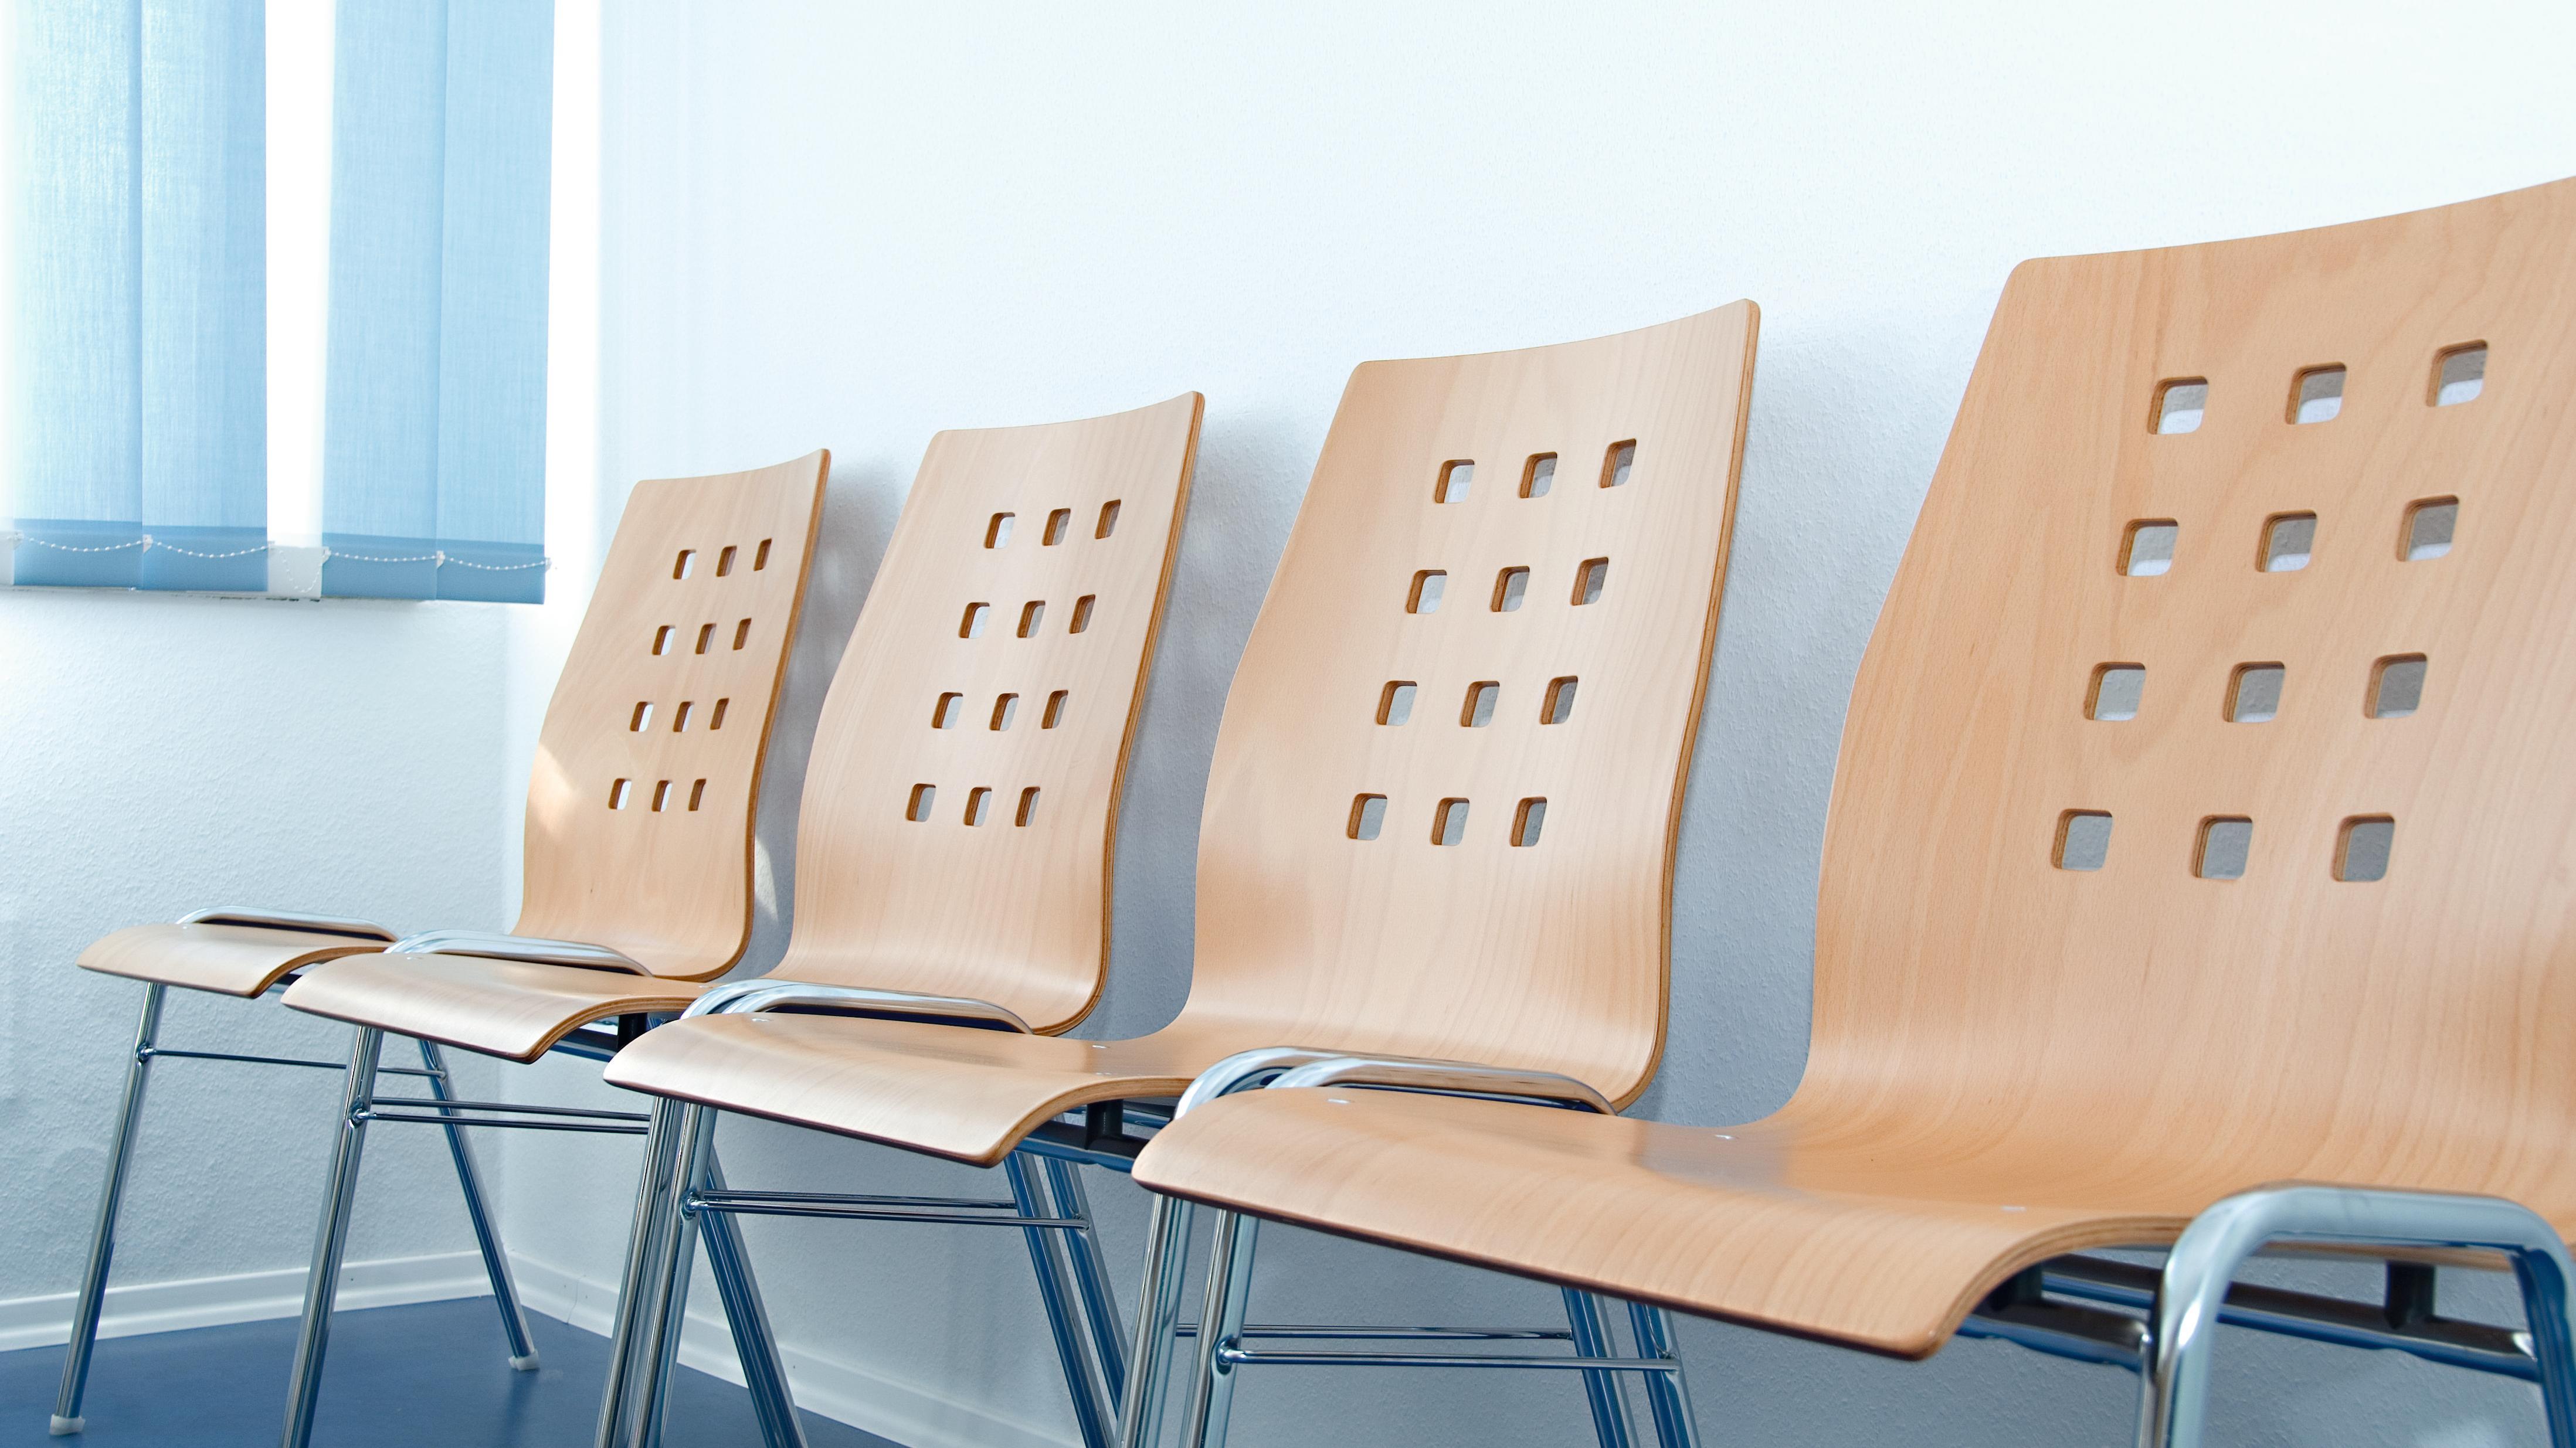 Leere Stühle in einem Wartezimmer.